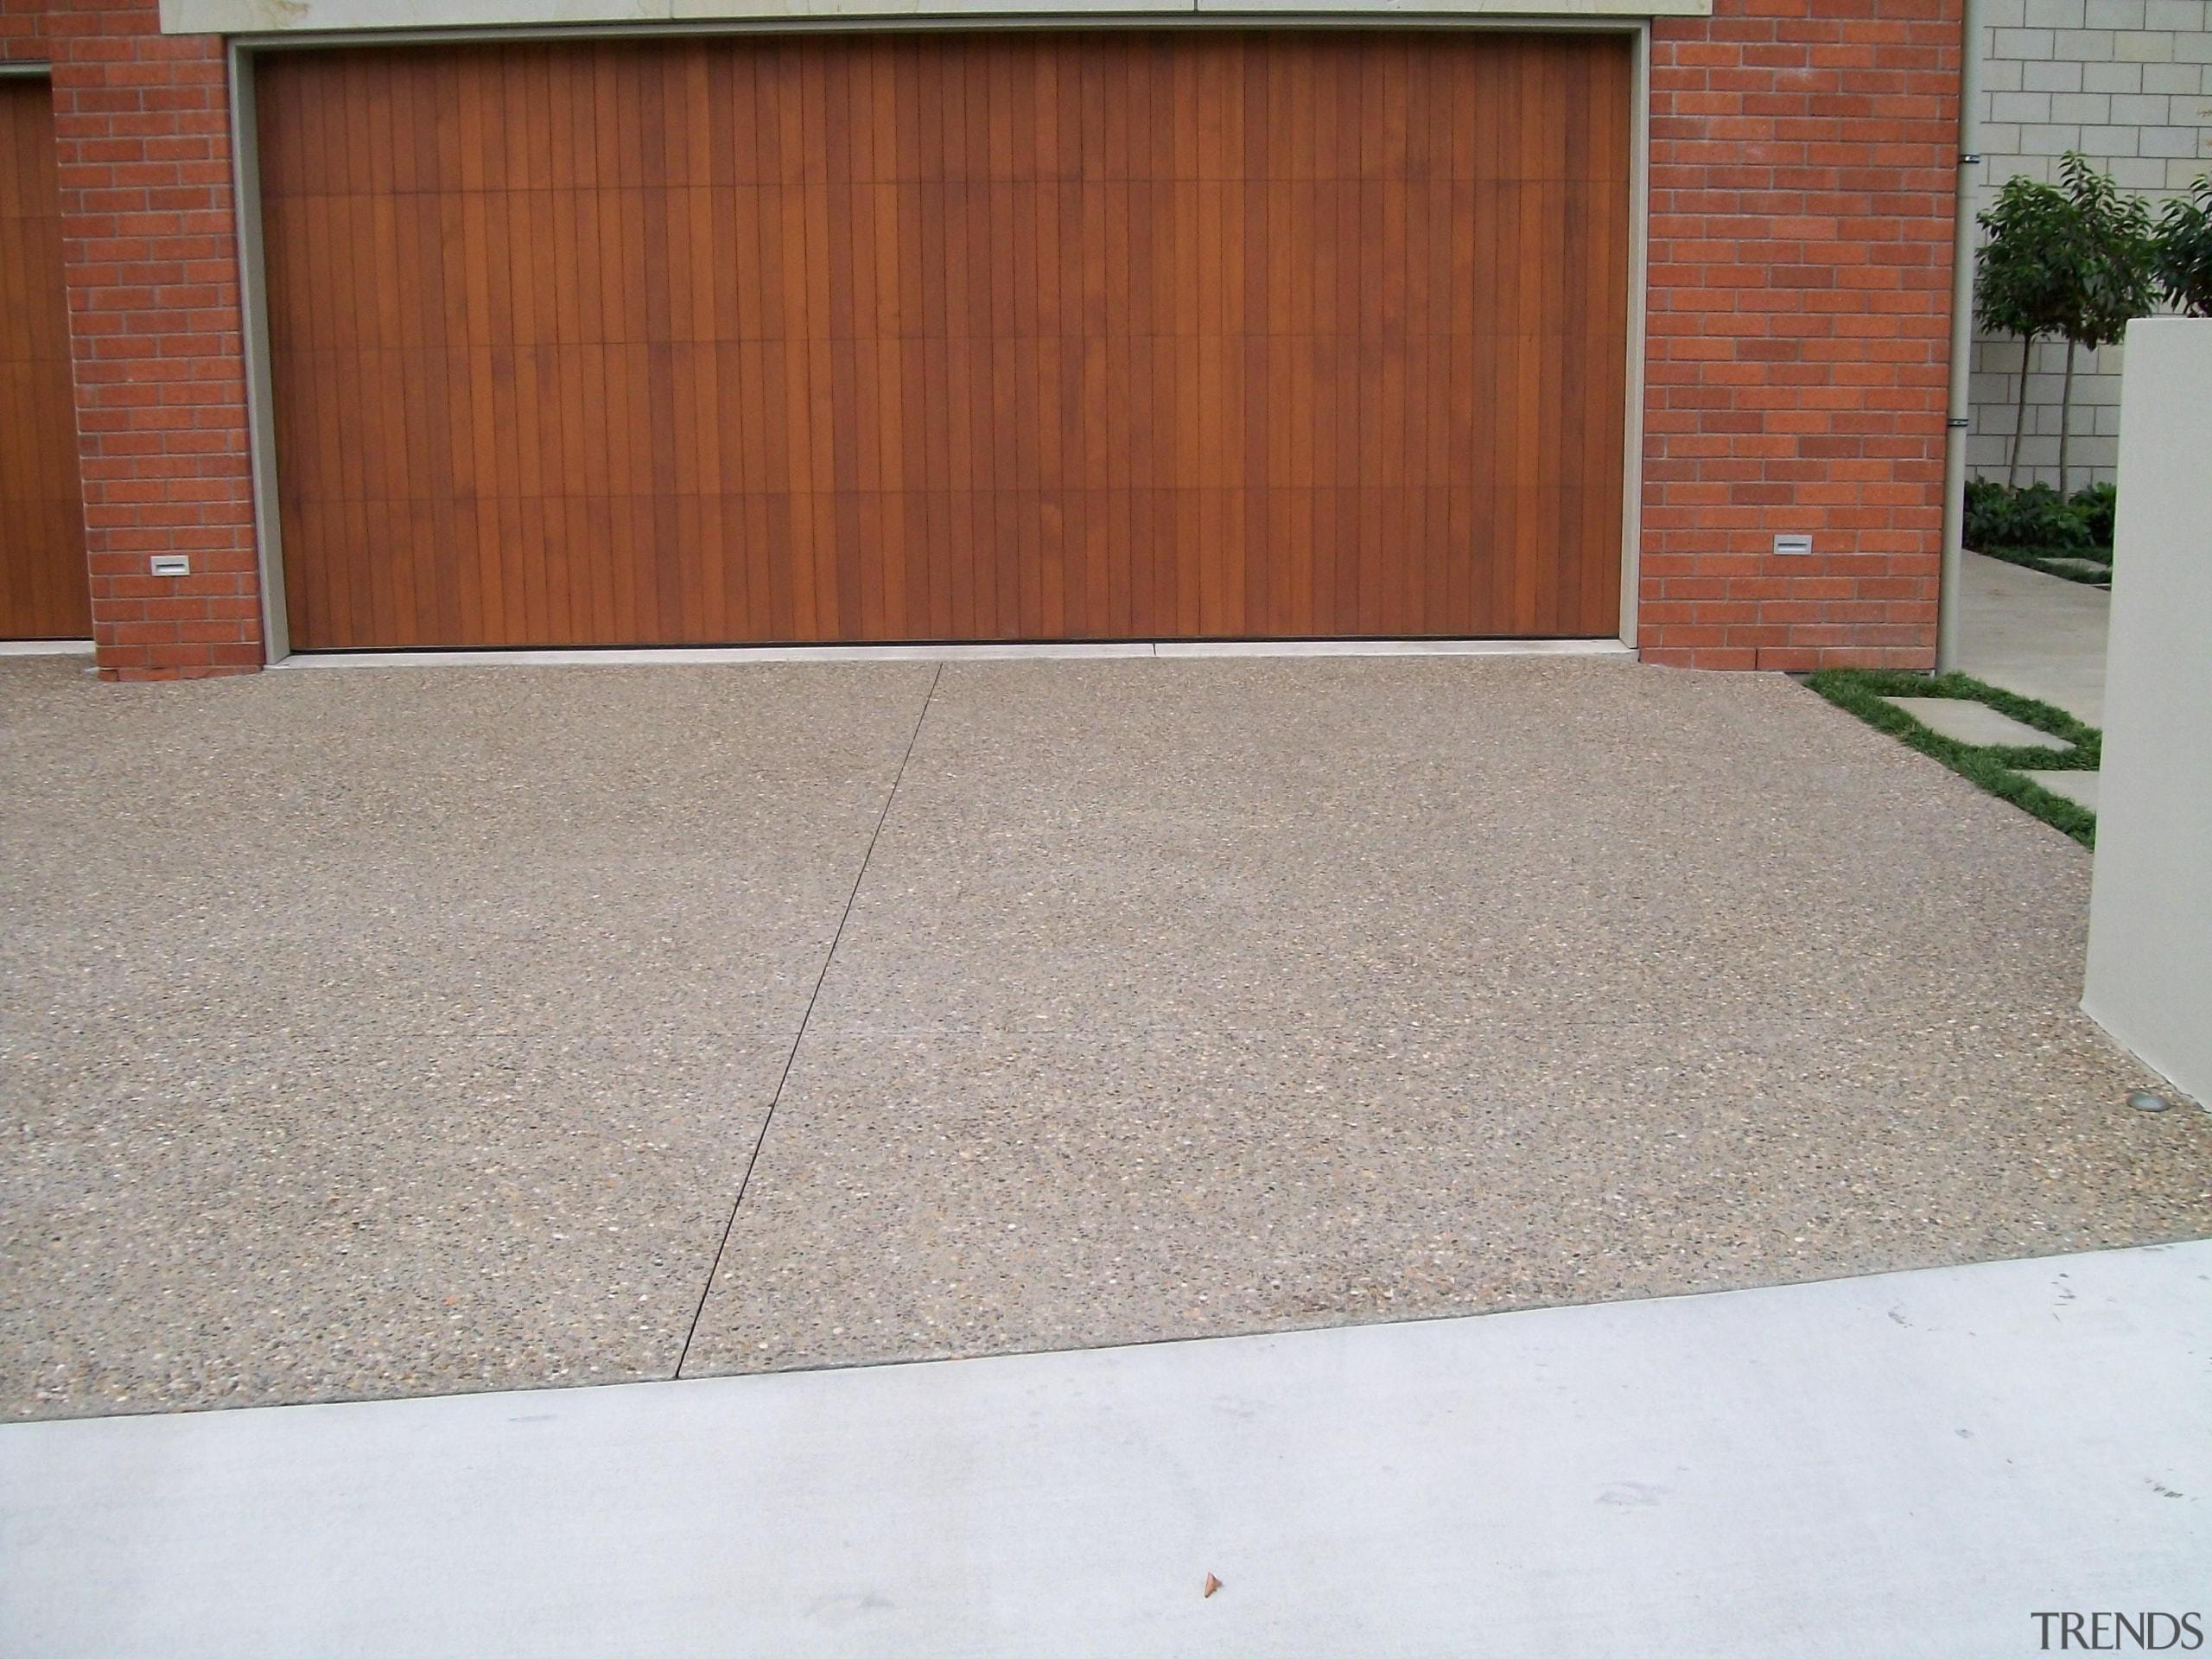 Colourmix 22 - Colourmix_22 - asphalt   concrete asphalt, concrete, door, driveway, floor, flooring, garage, garage door, property, real estate, road surface, wood stain, gray, brown